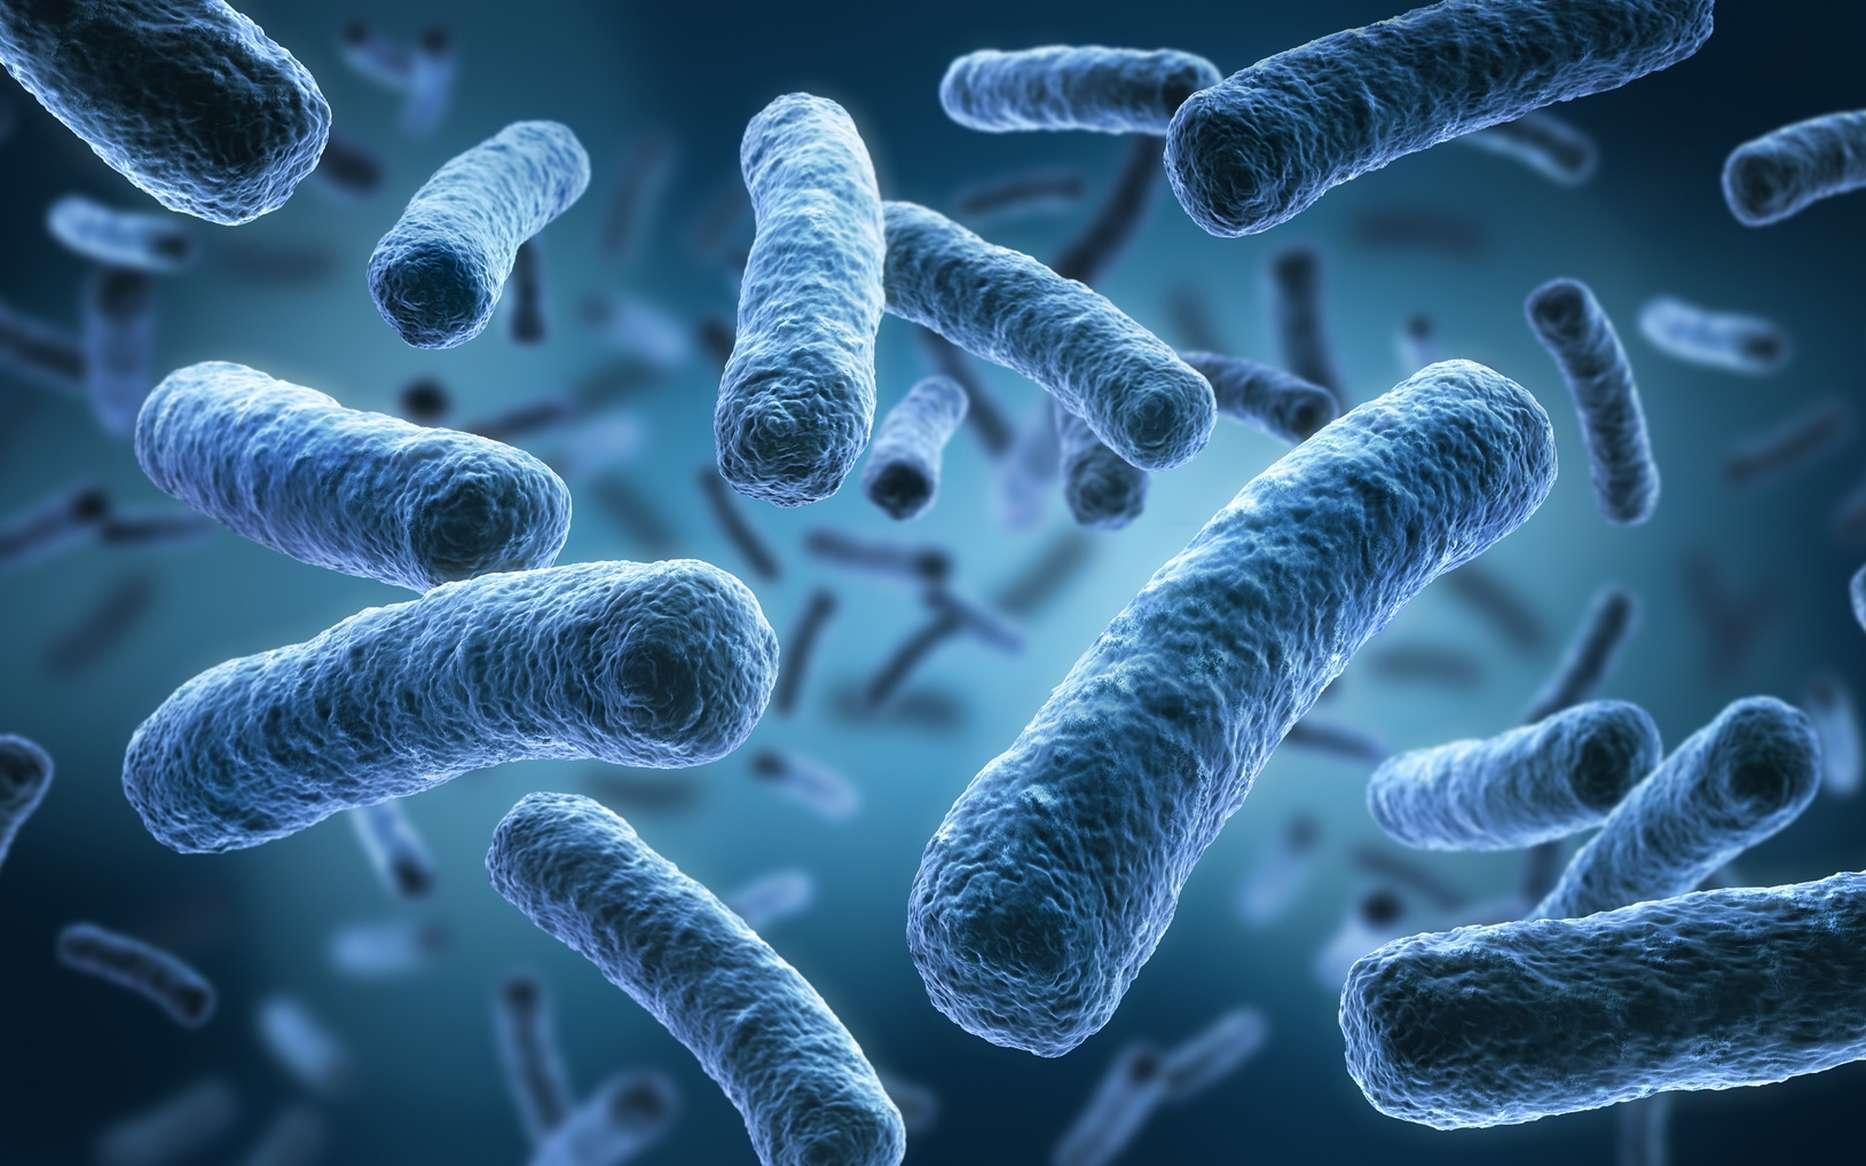 Les microbes sont-ils tous dangereux ? Ici, des légionelles. © psdesign1, Fotolia